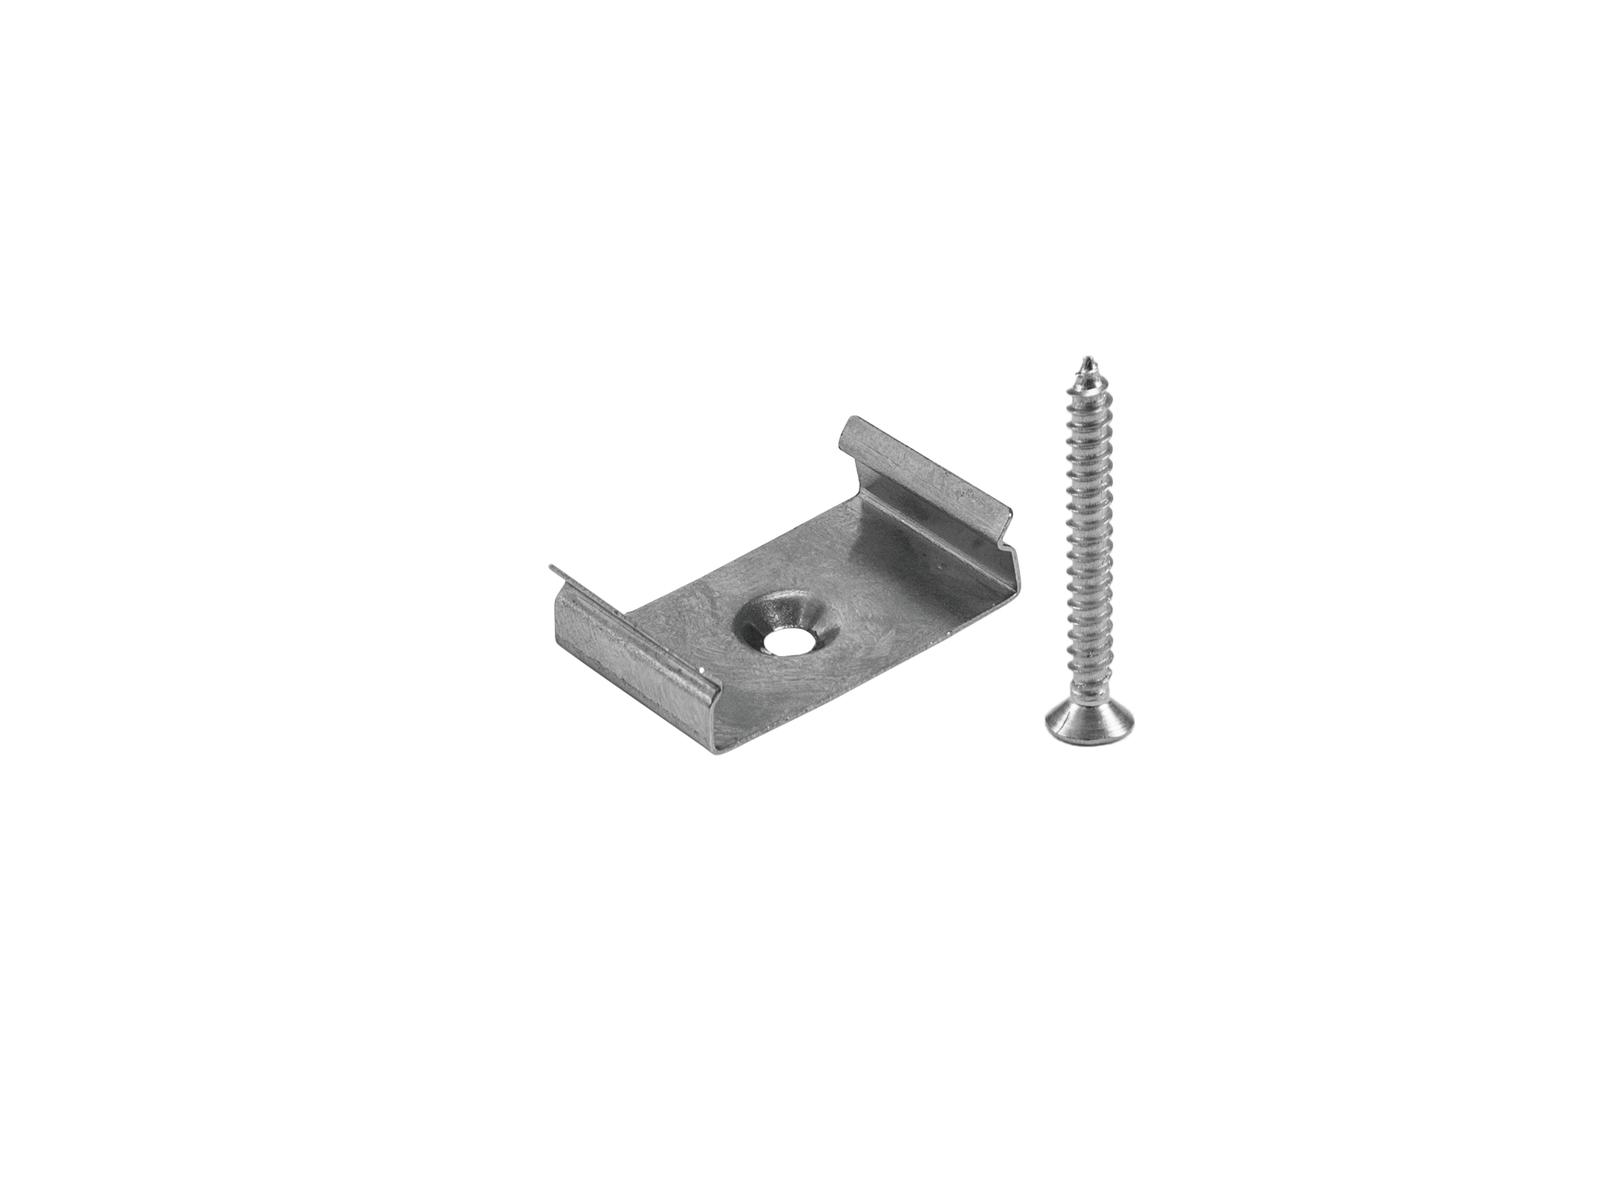 Montážní držák pro AL profil 20 mm pro LED pásky, ocelový